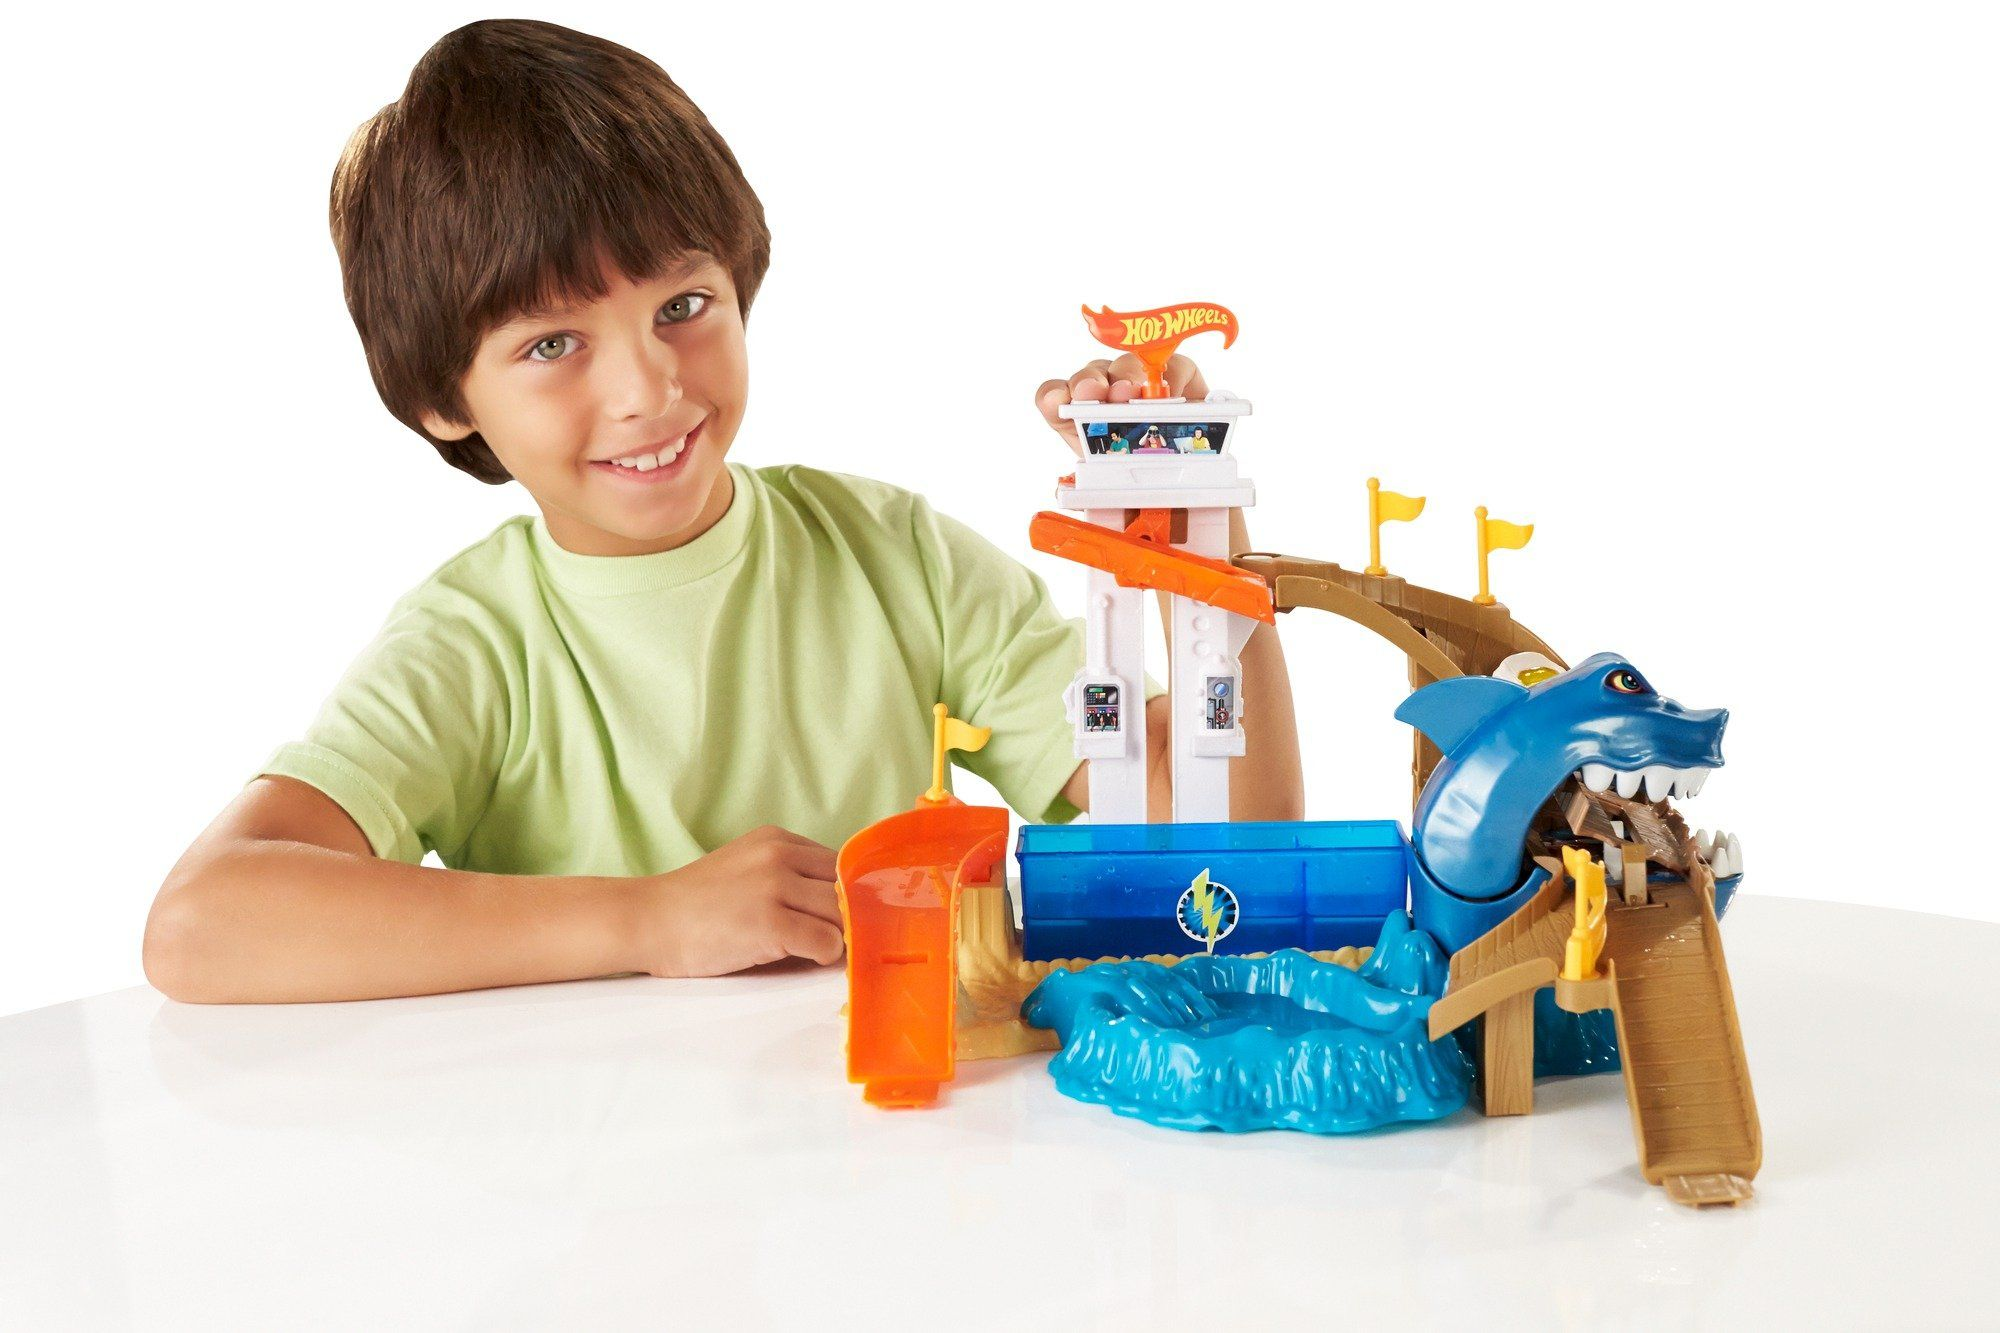 Комплект за игра Hot Wheels - Писта акула и колички с промяна на цвета - 6